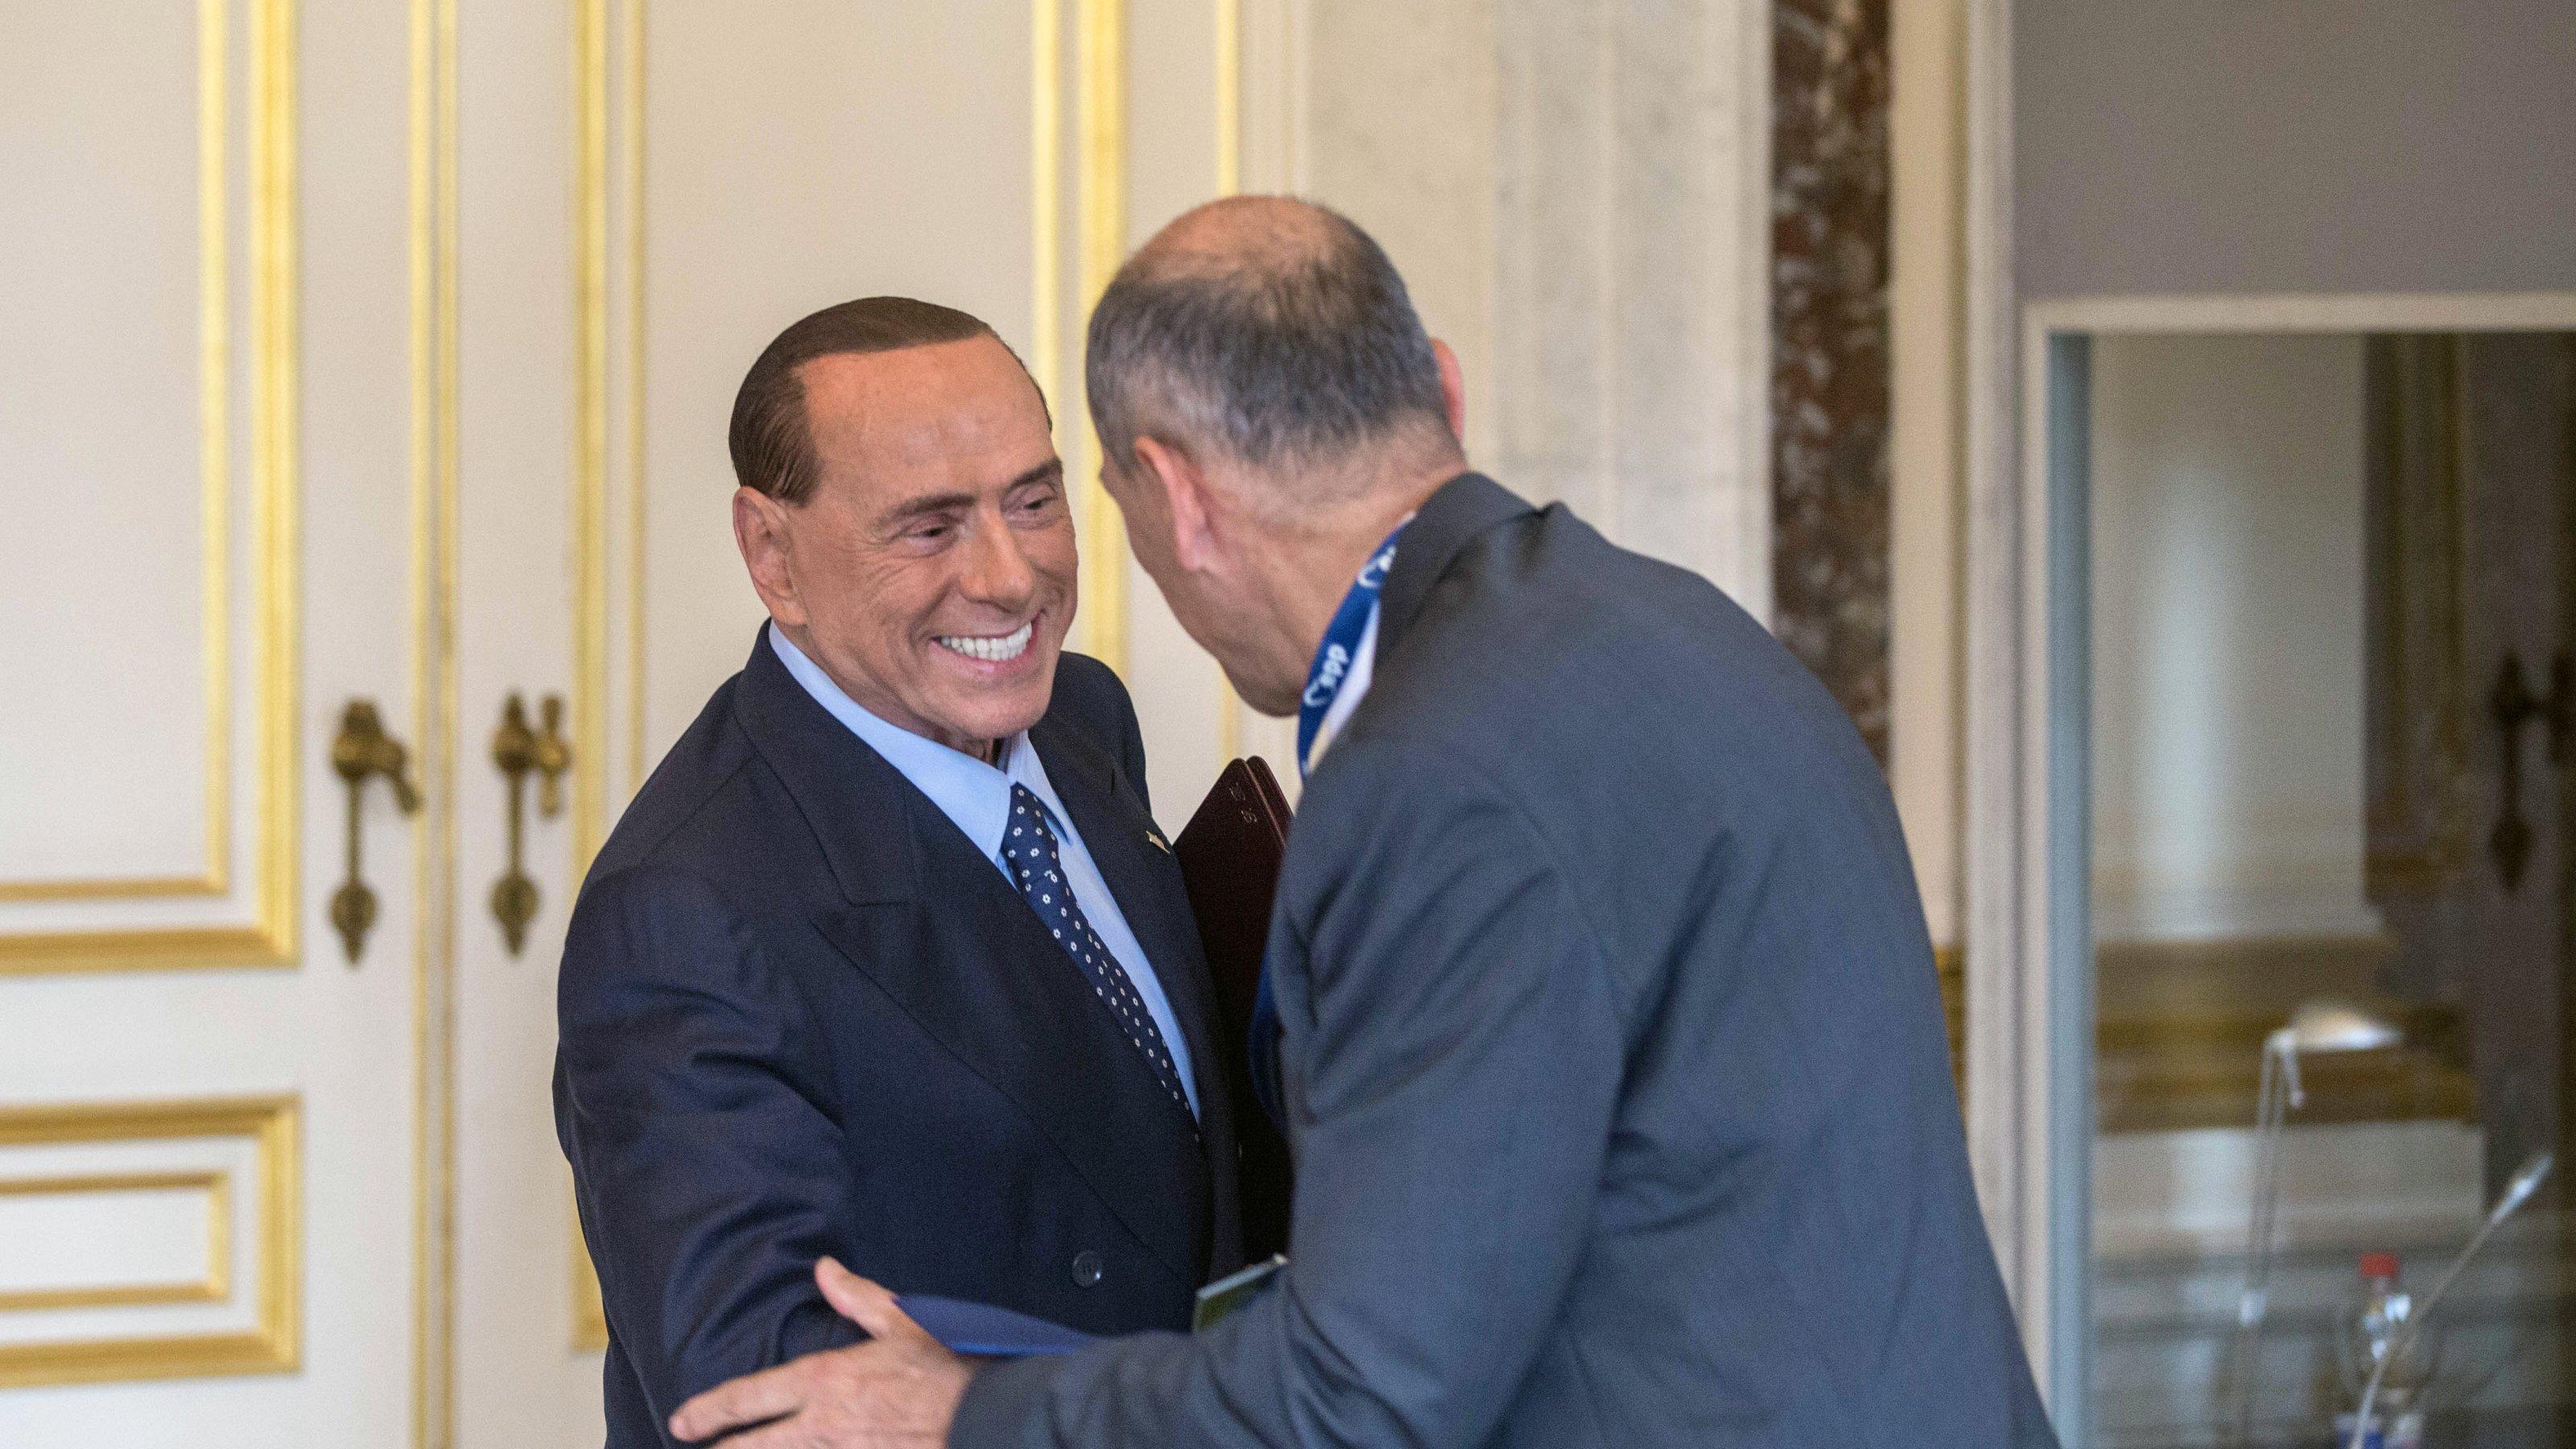 Silvio Berlusconi schüttelt grinsend einem Mann die Hand